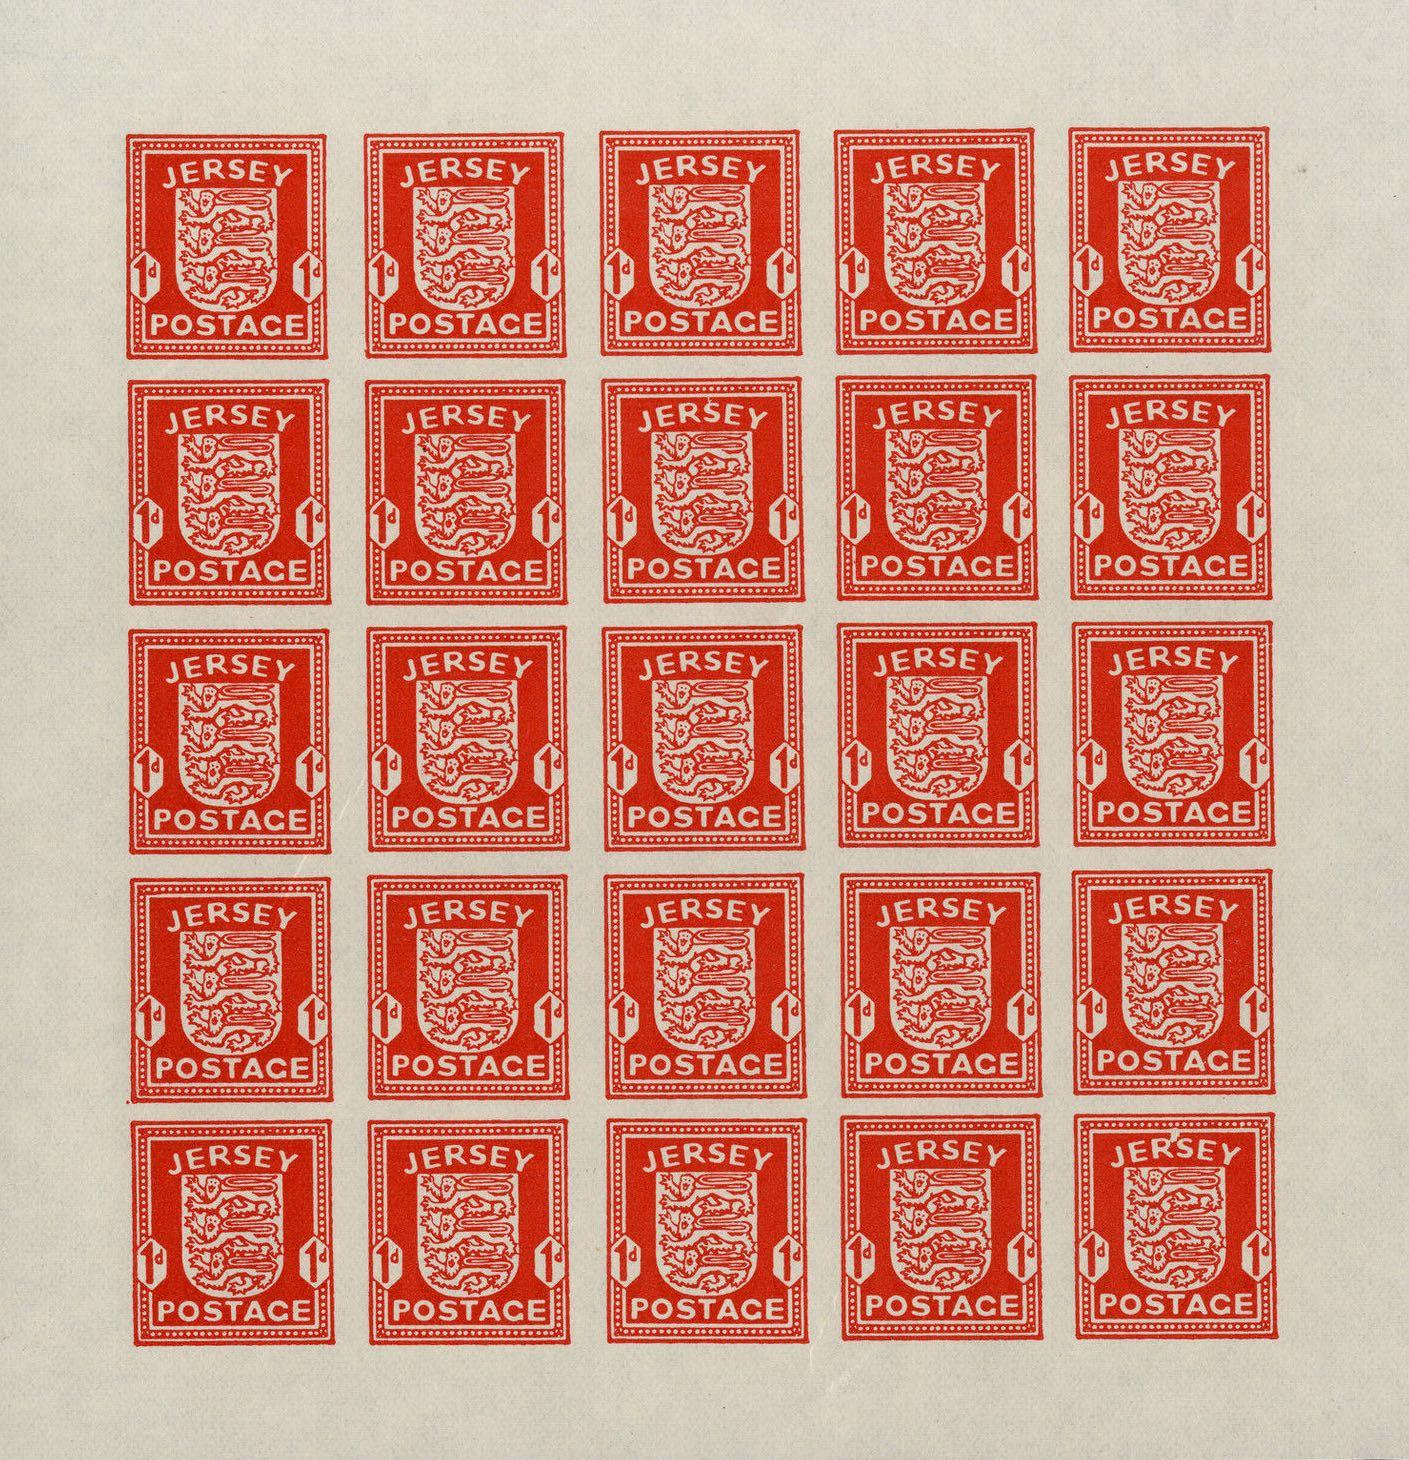 Jersey_1941_1d_Sheet_Forgery